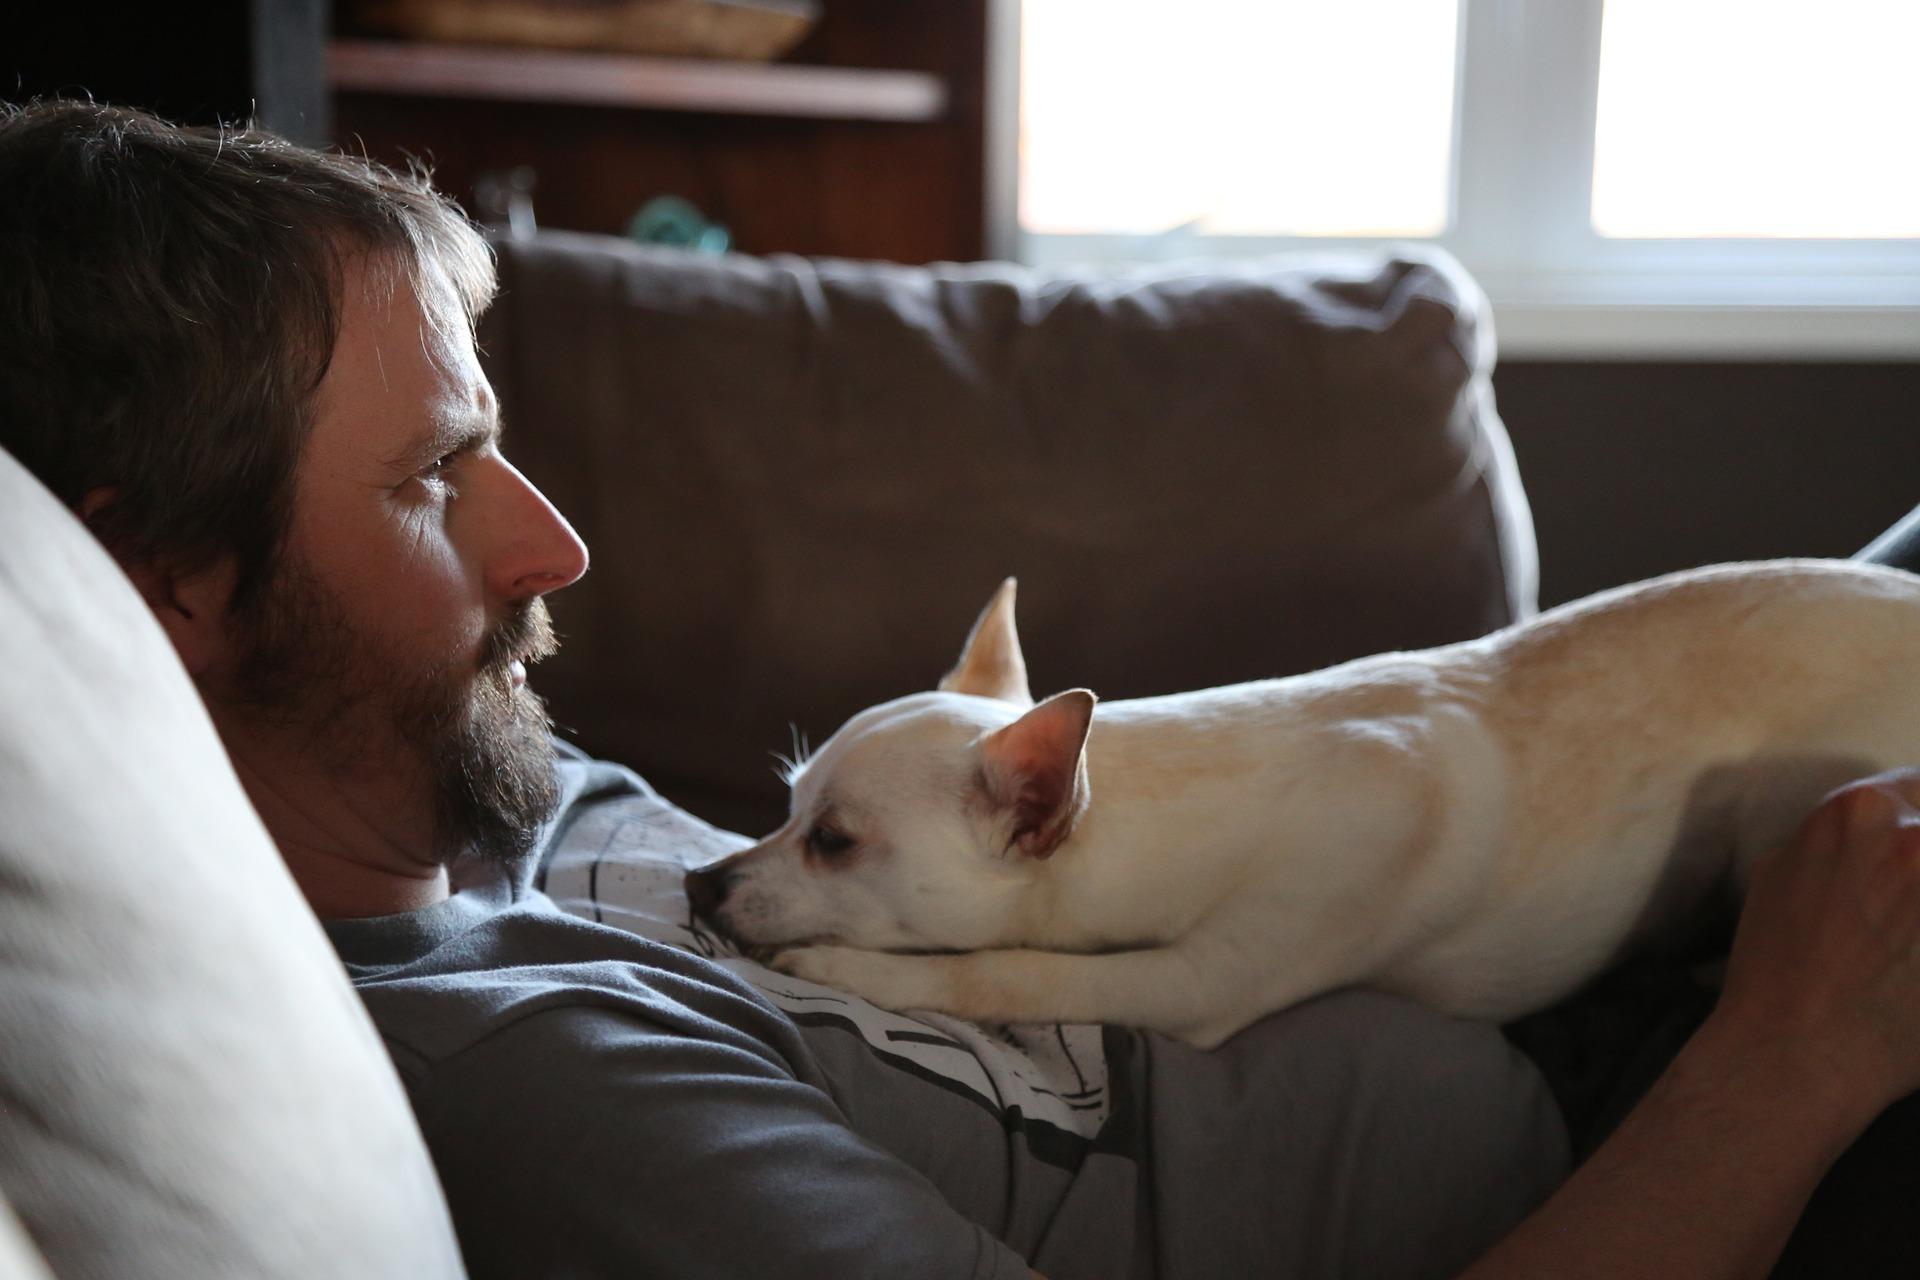 Ciągłym wymiotom towarzyszy ryzyko odwodnienia, które jest stanem zagrożenia życia. Im pies młodszy i mniejszy, tym szybciej i bardziej jest narażony na odwodnienie.